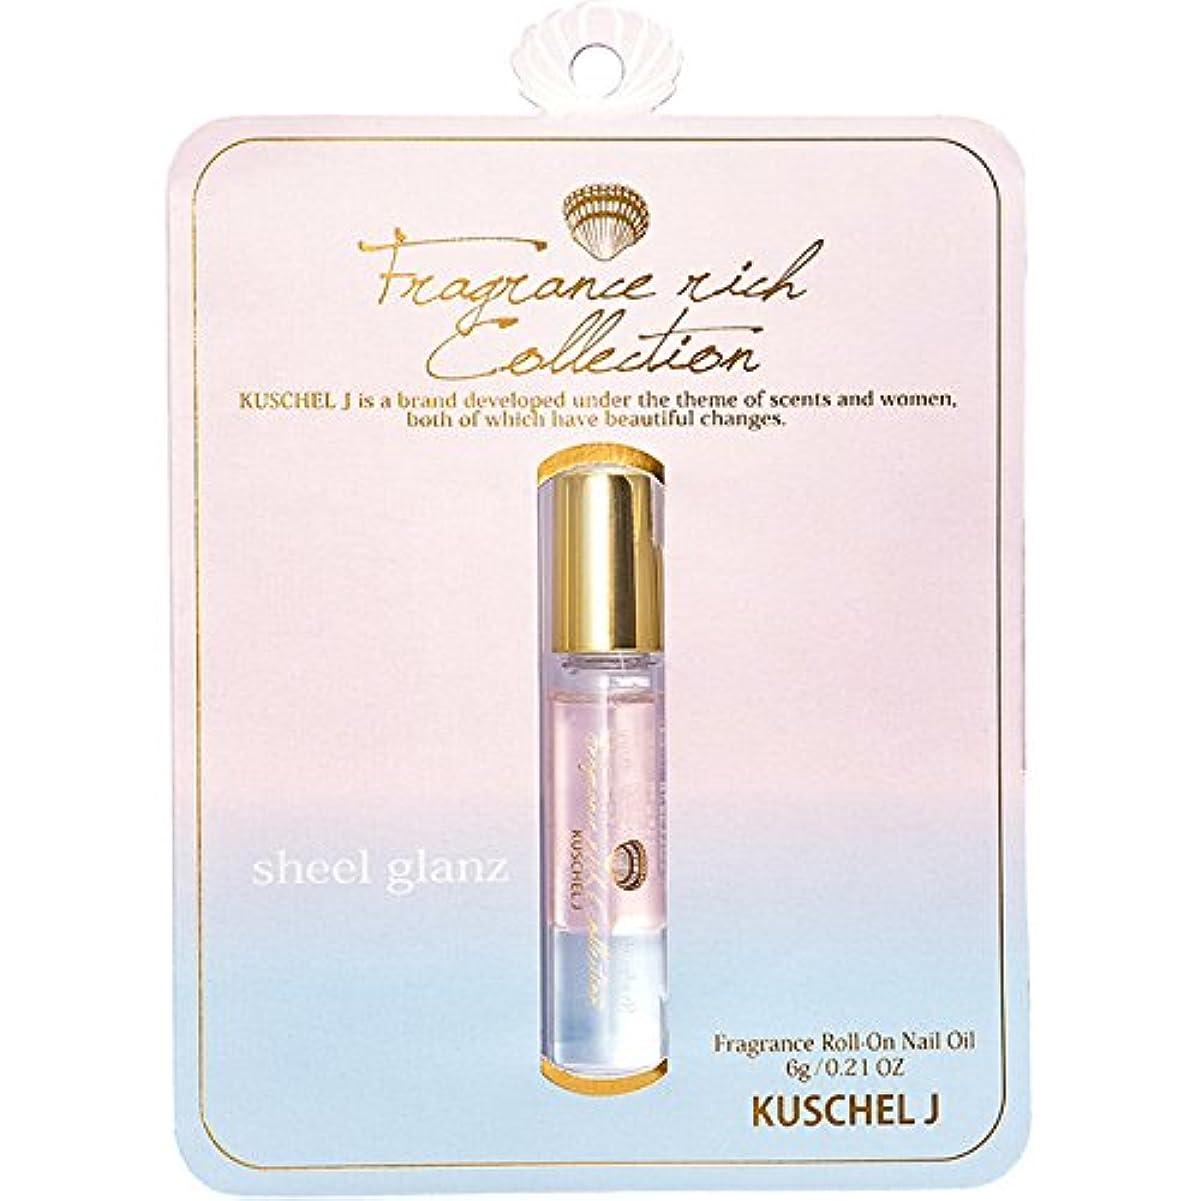 痛み押すオーストラリアフレグランシー クシェルヨット(KUSCHEL J) ネイルオイル シェルグラン 6g